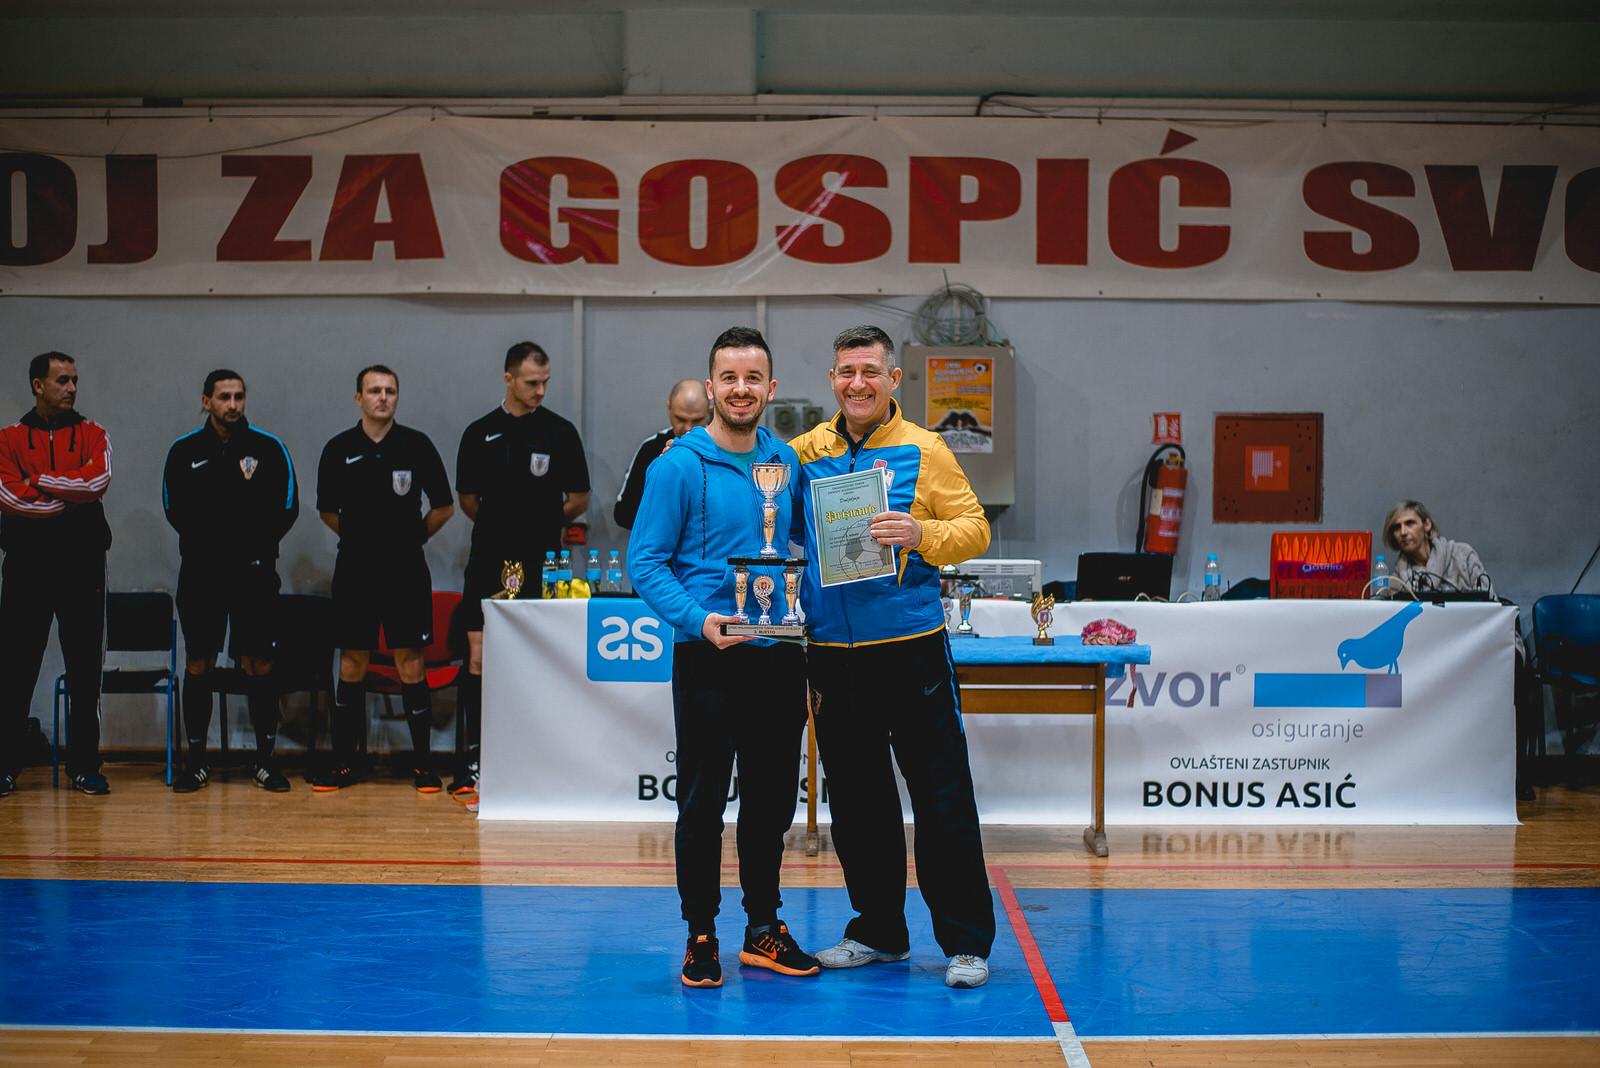 likaclub_gospić_zimski-malonogometni-turnir-2018-19-102